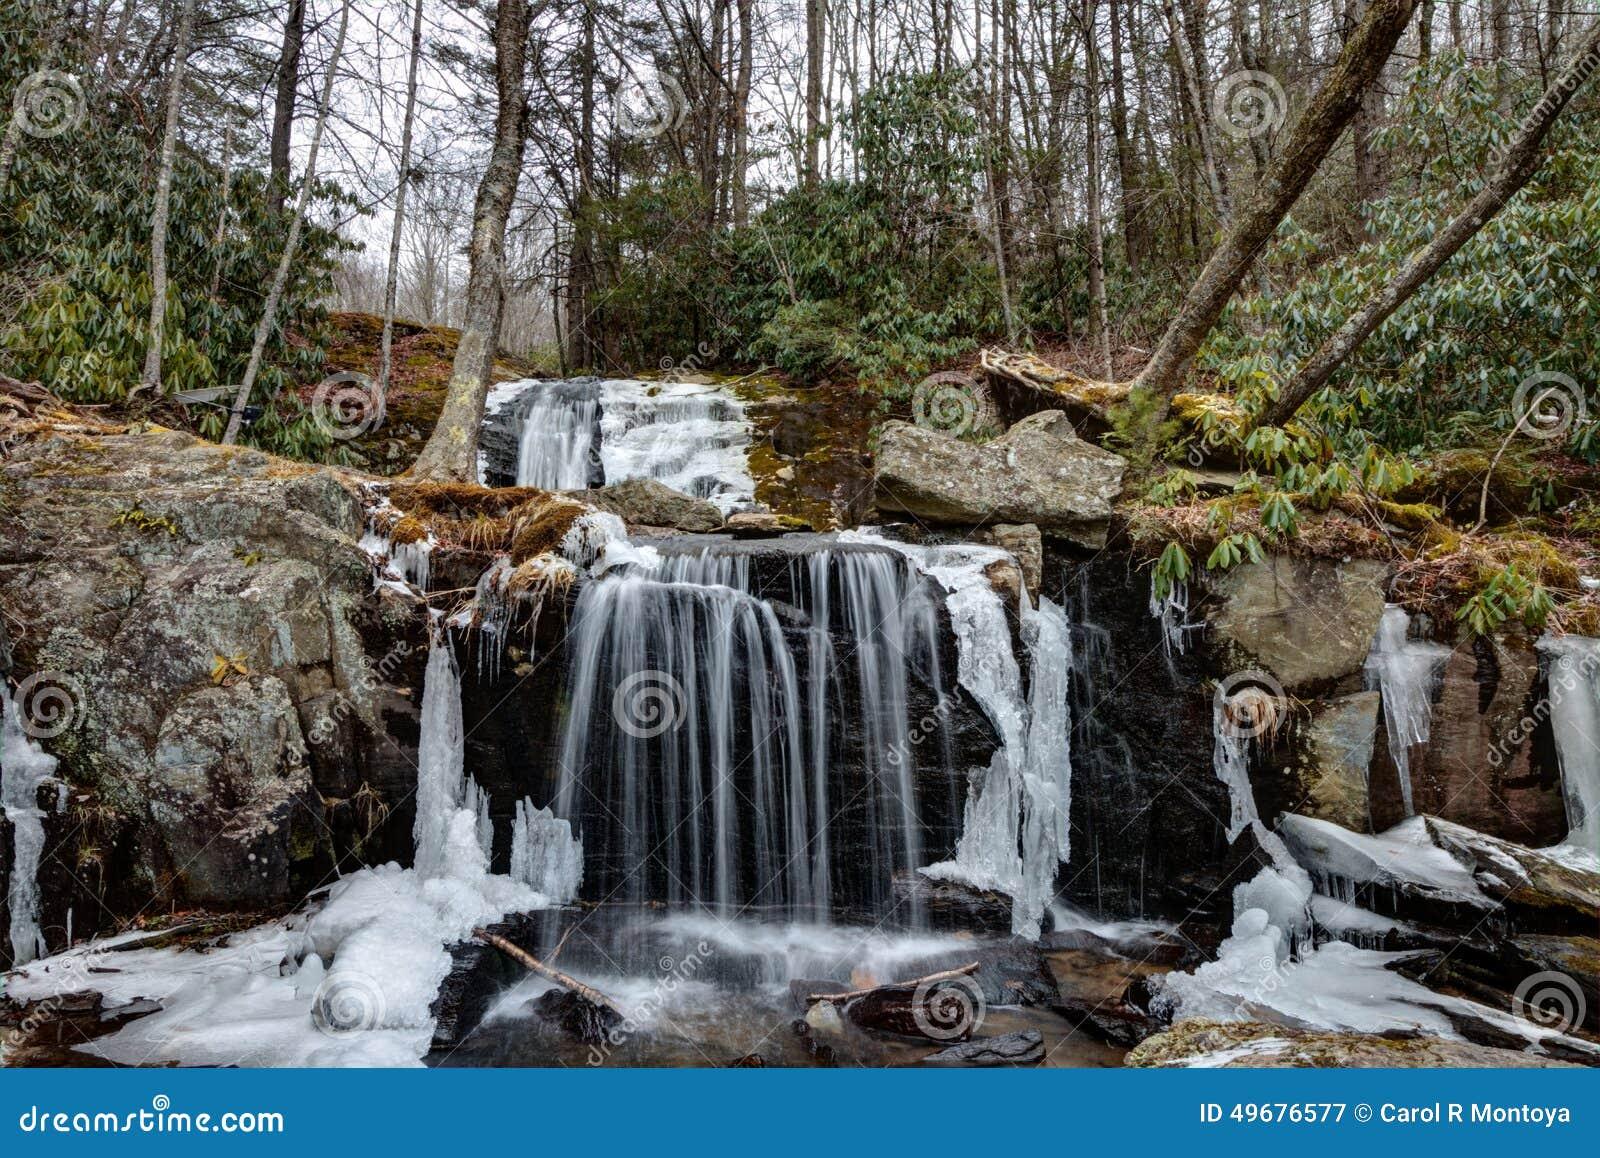 Parque apalaches das cachoeiras em Newland, North Carolina